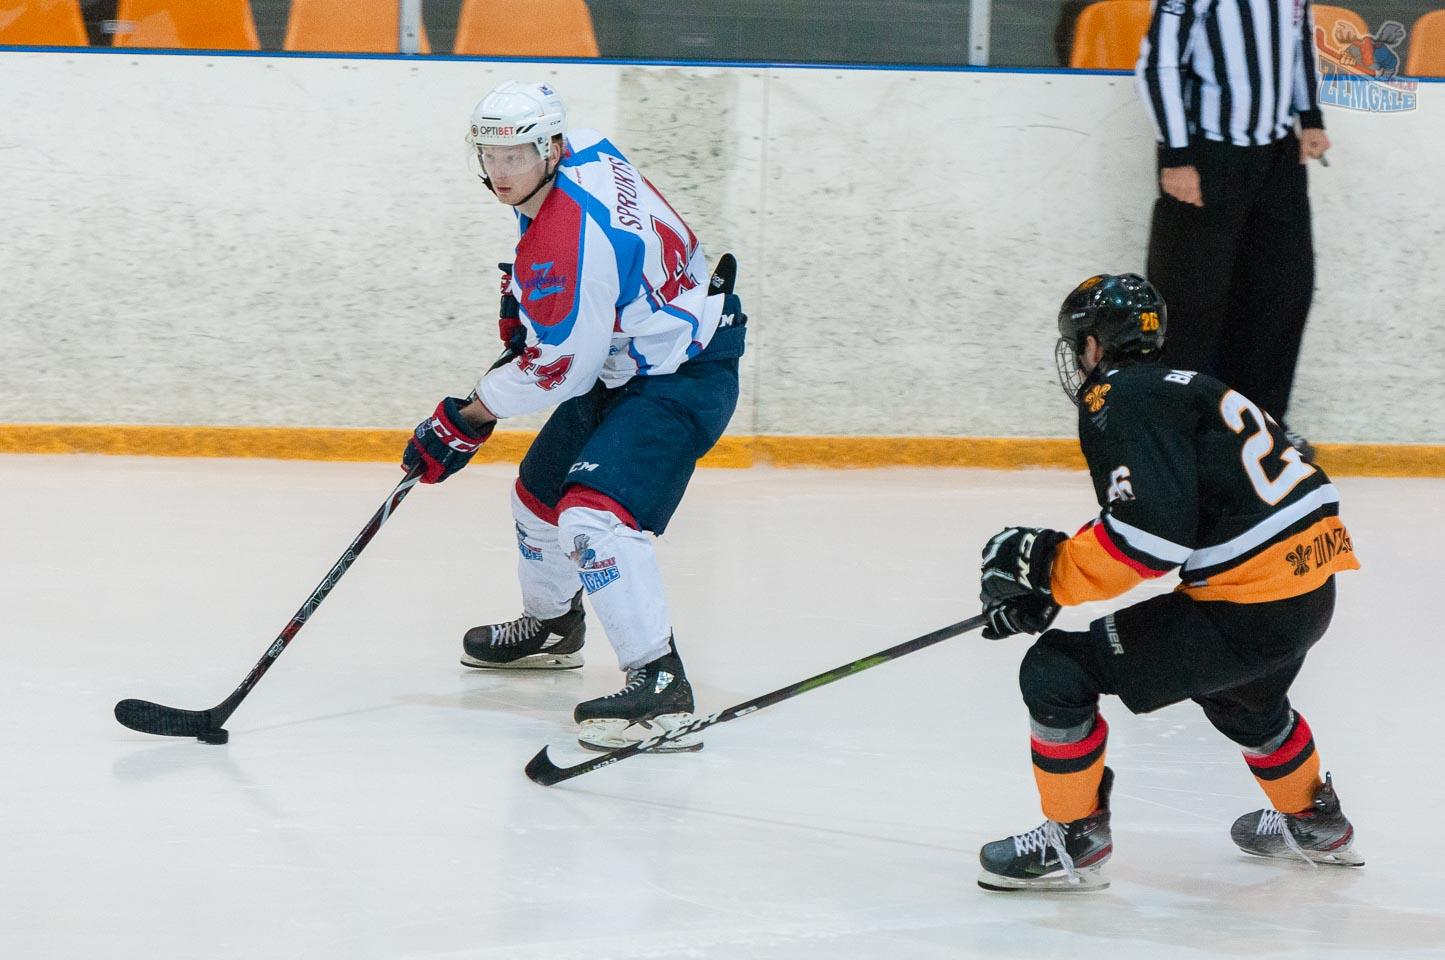 Hokejists Sprukts ar ripu atrāvies no pretinieka